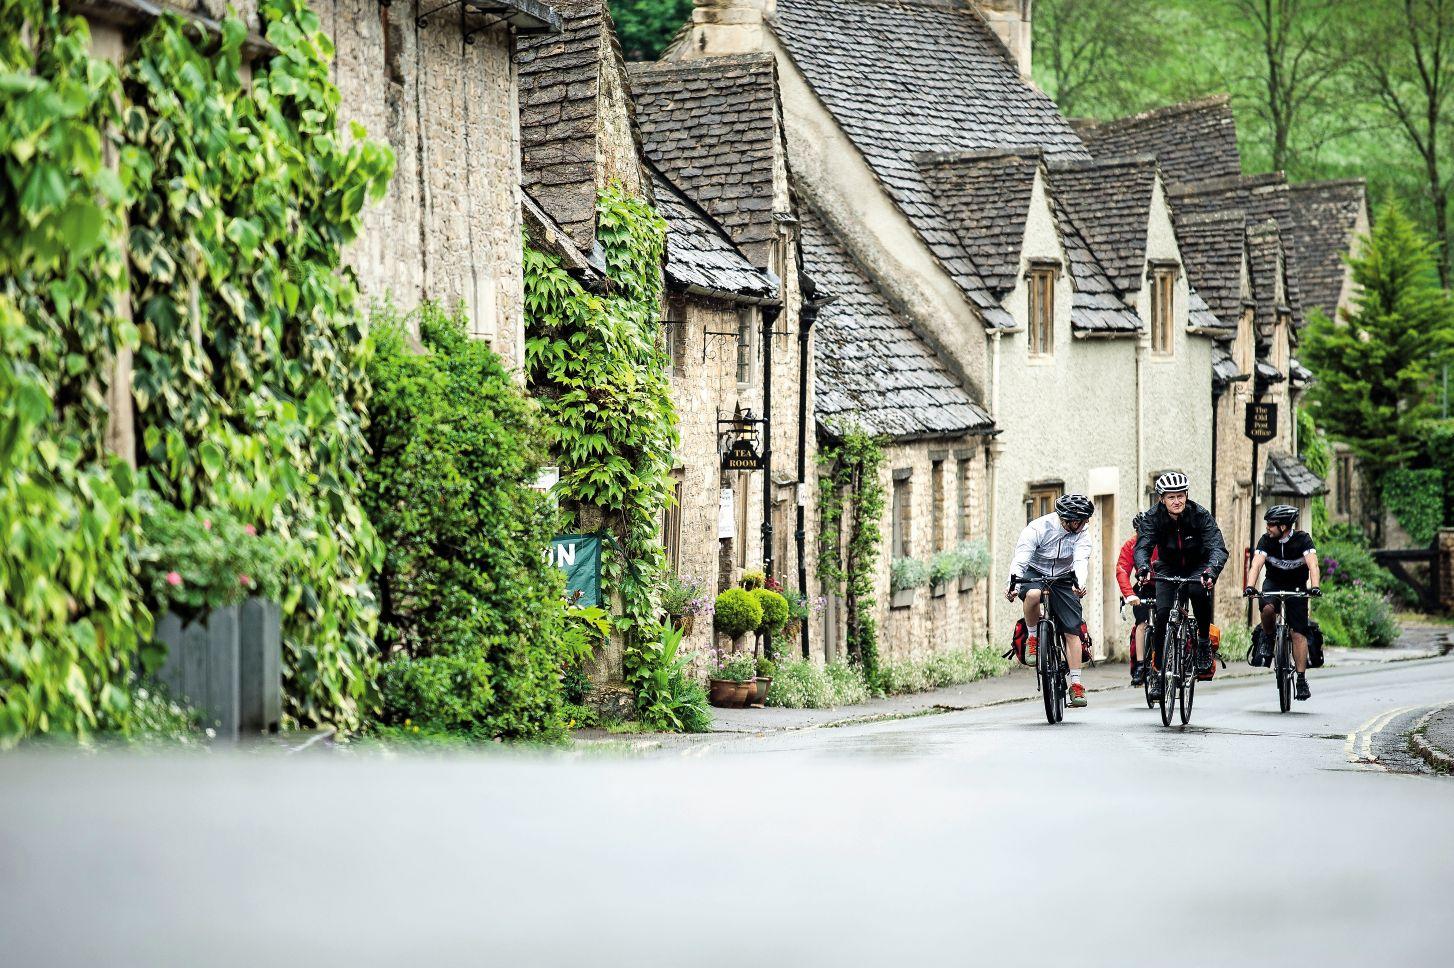 touringbikes